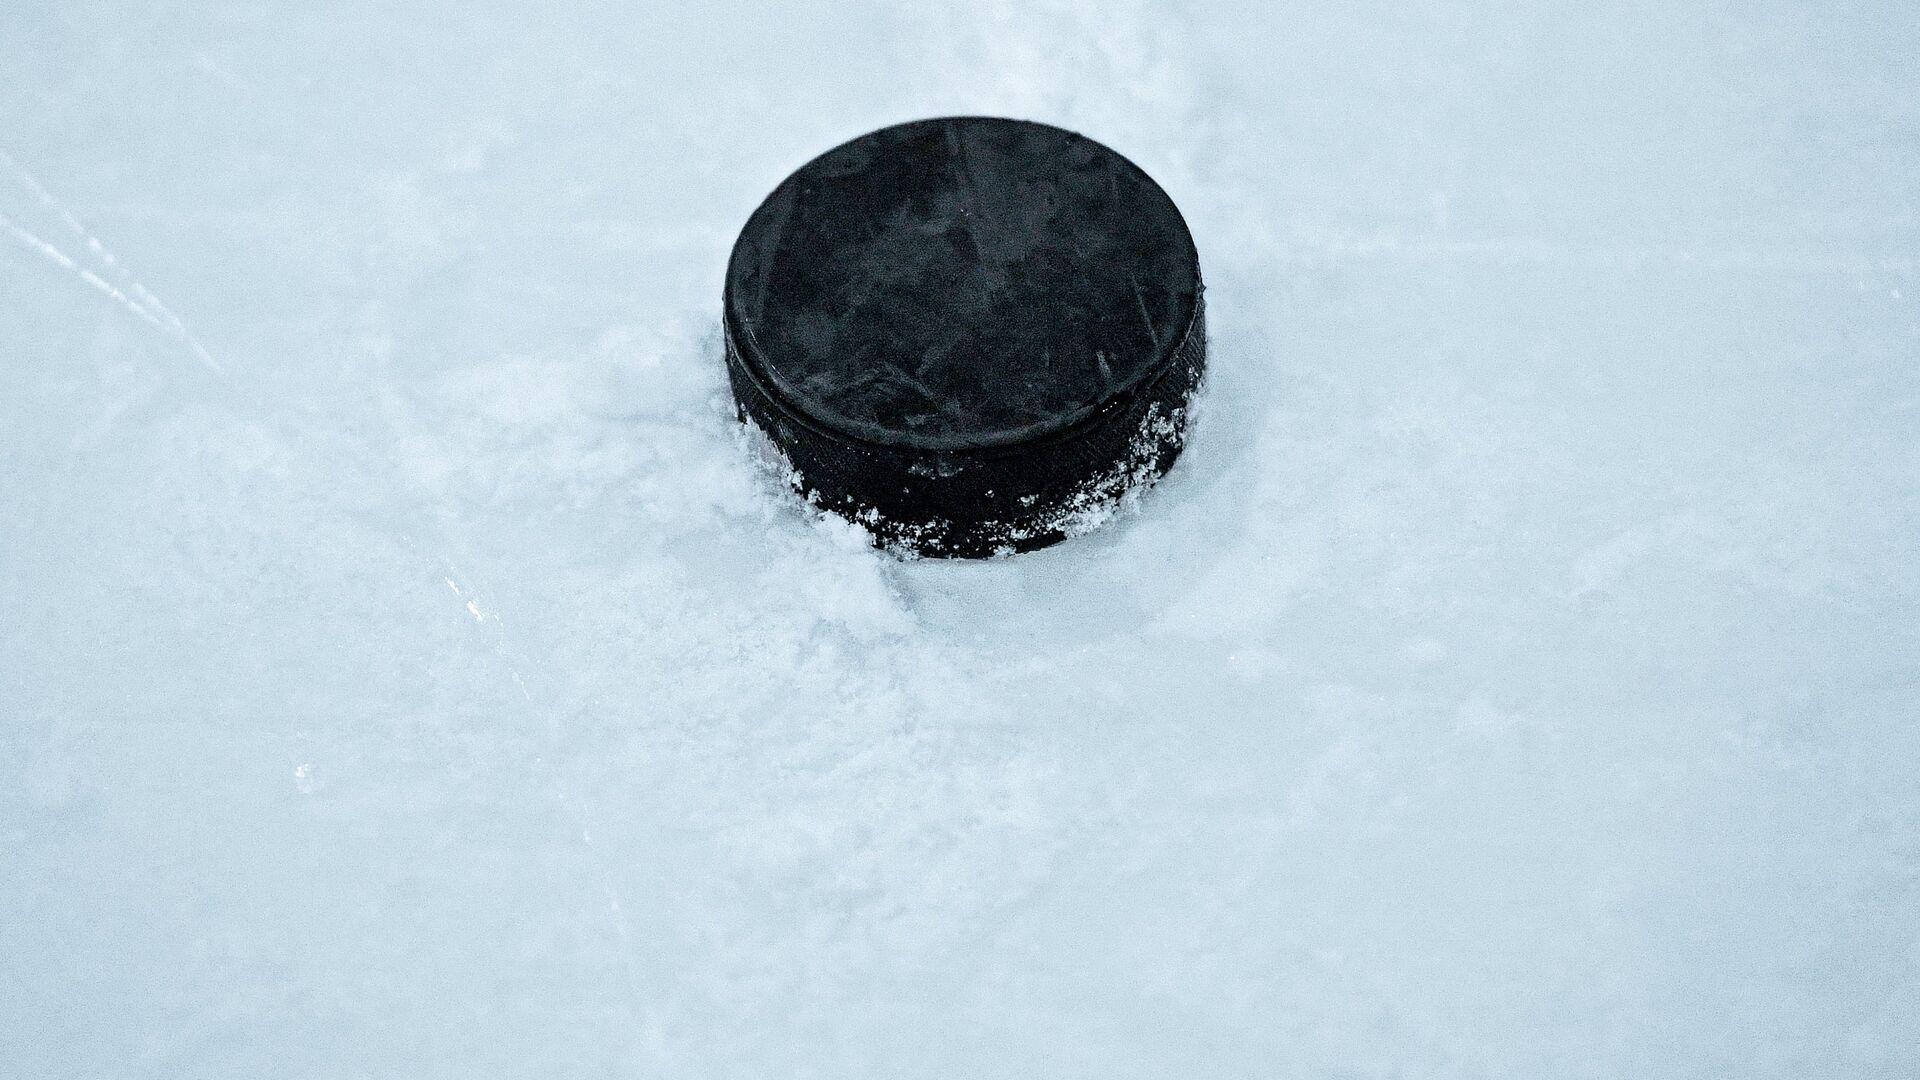 Шайба на льду катка, архивное фото - Sputnik Беларусь, 1920, 16.03.2021